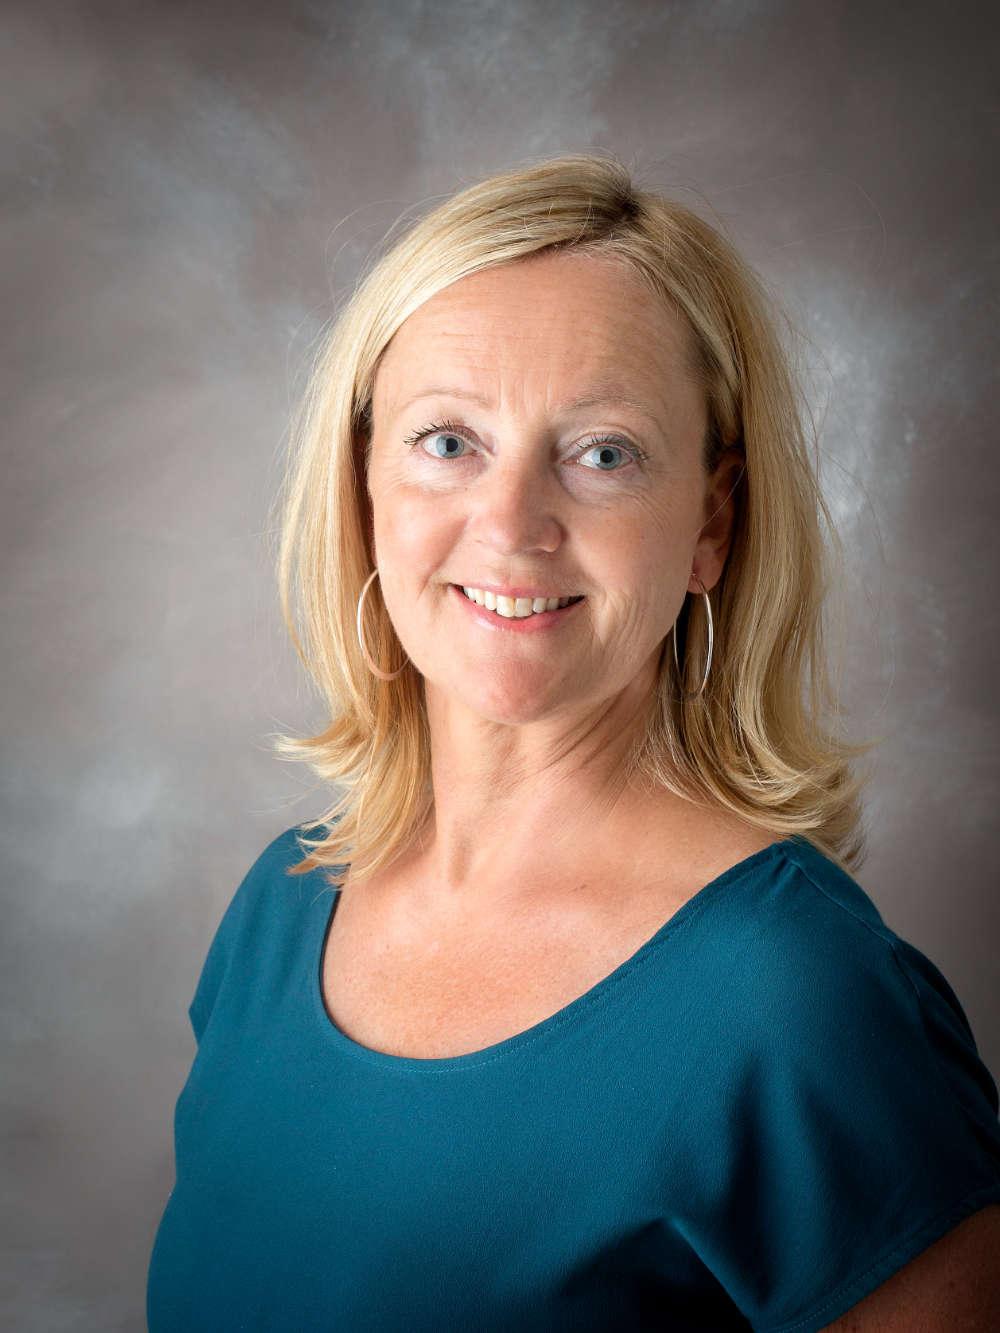 Lena Bildtmark